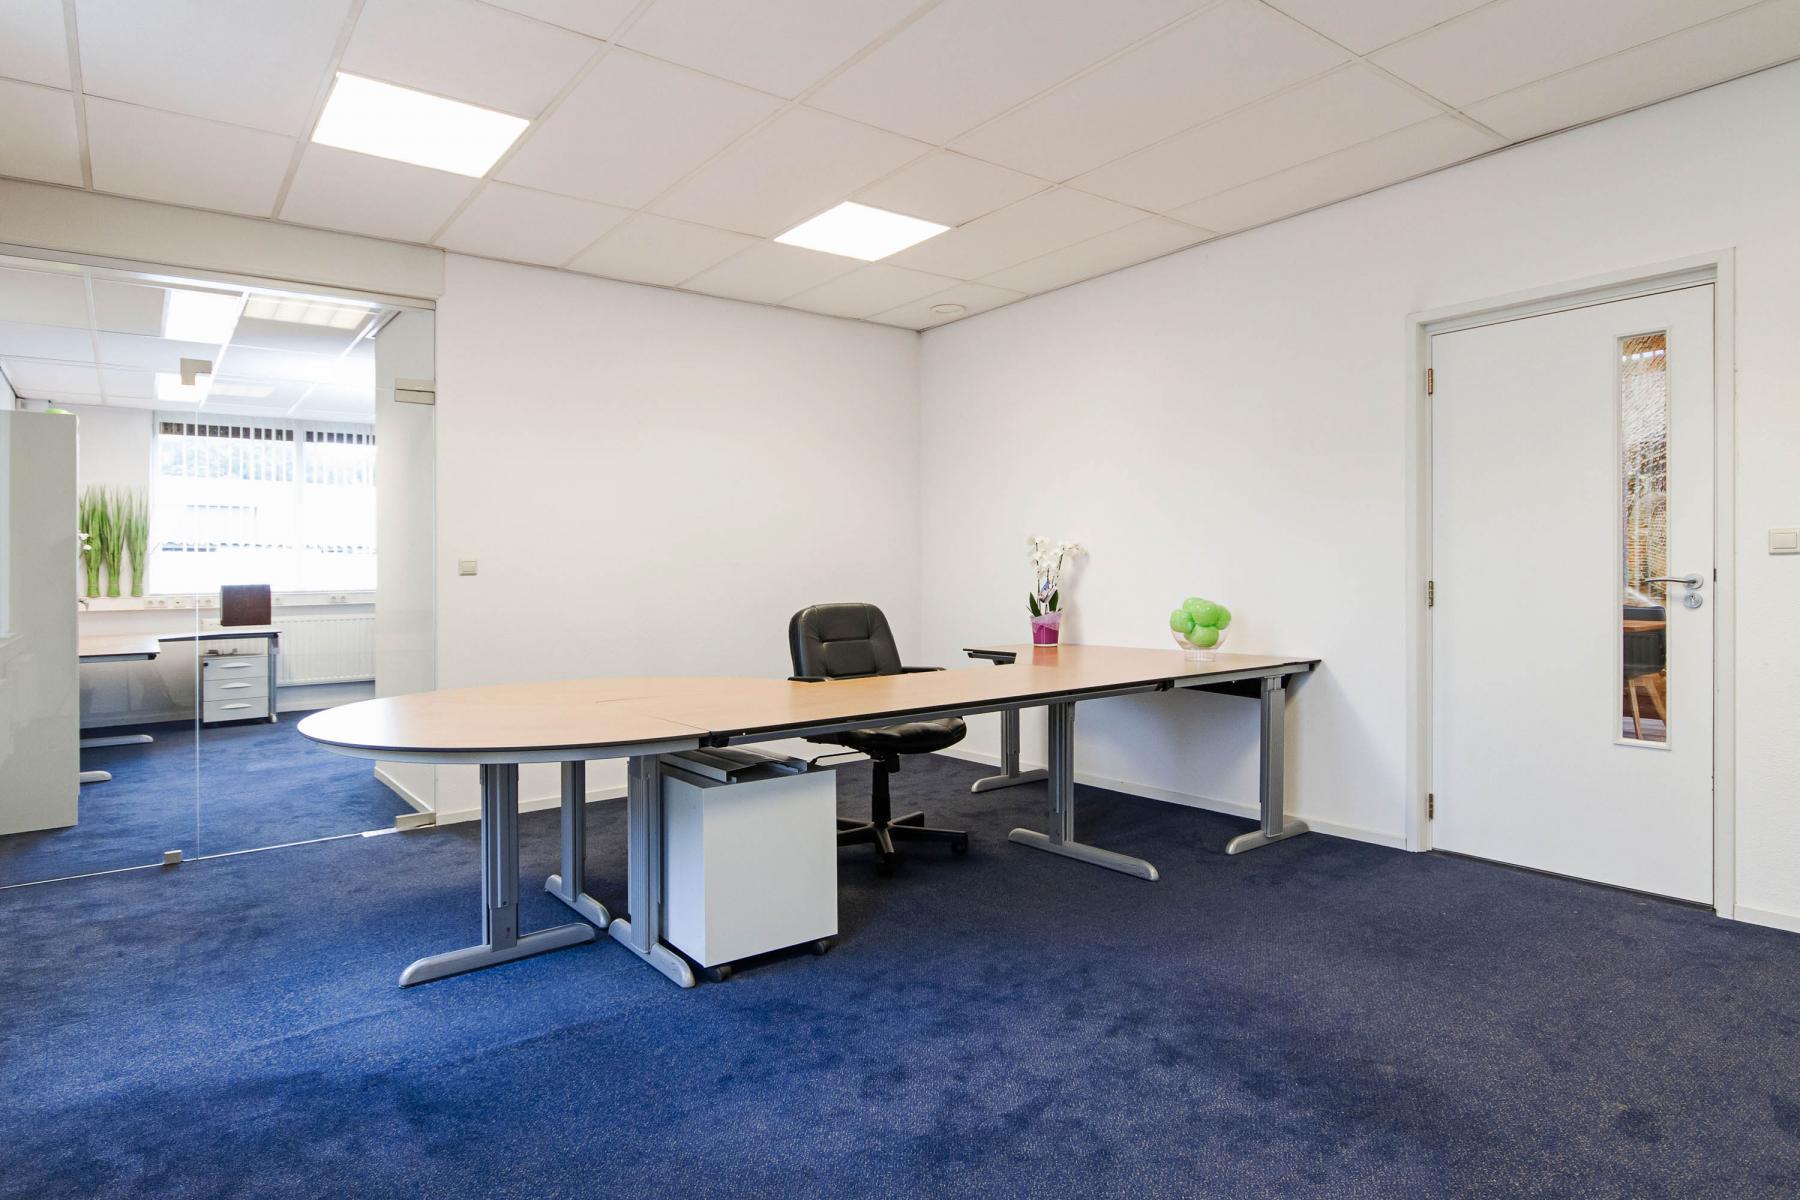 binnenzijde gesloten kantoorruimte achtergrond